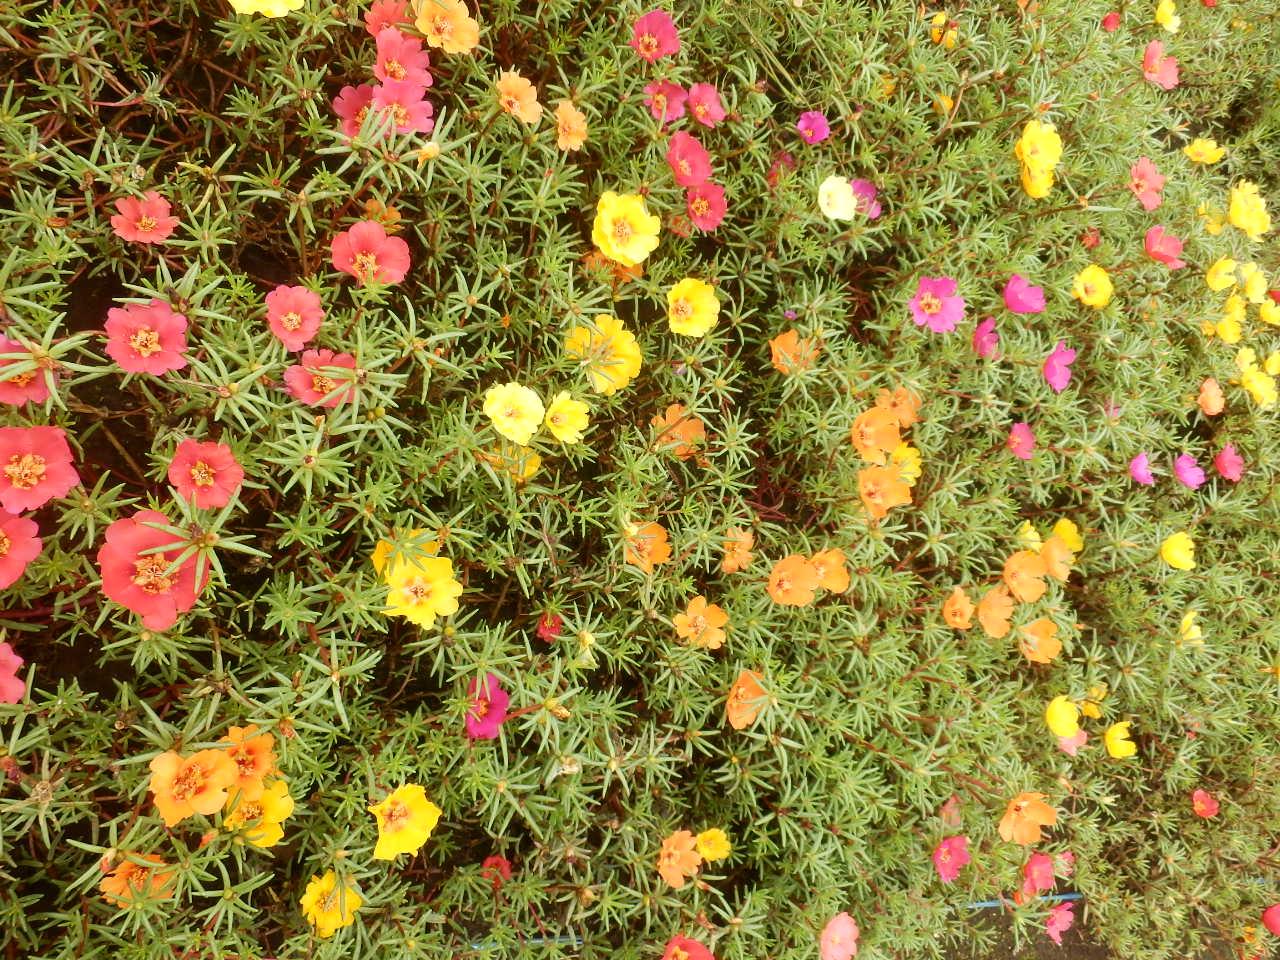 Hoa mười giờ nhiều màu sắc